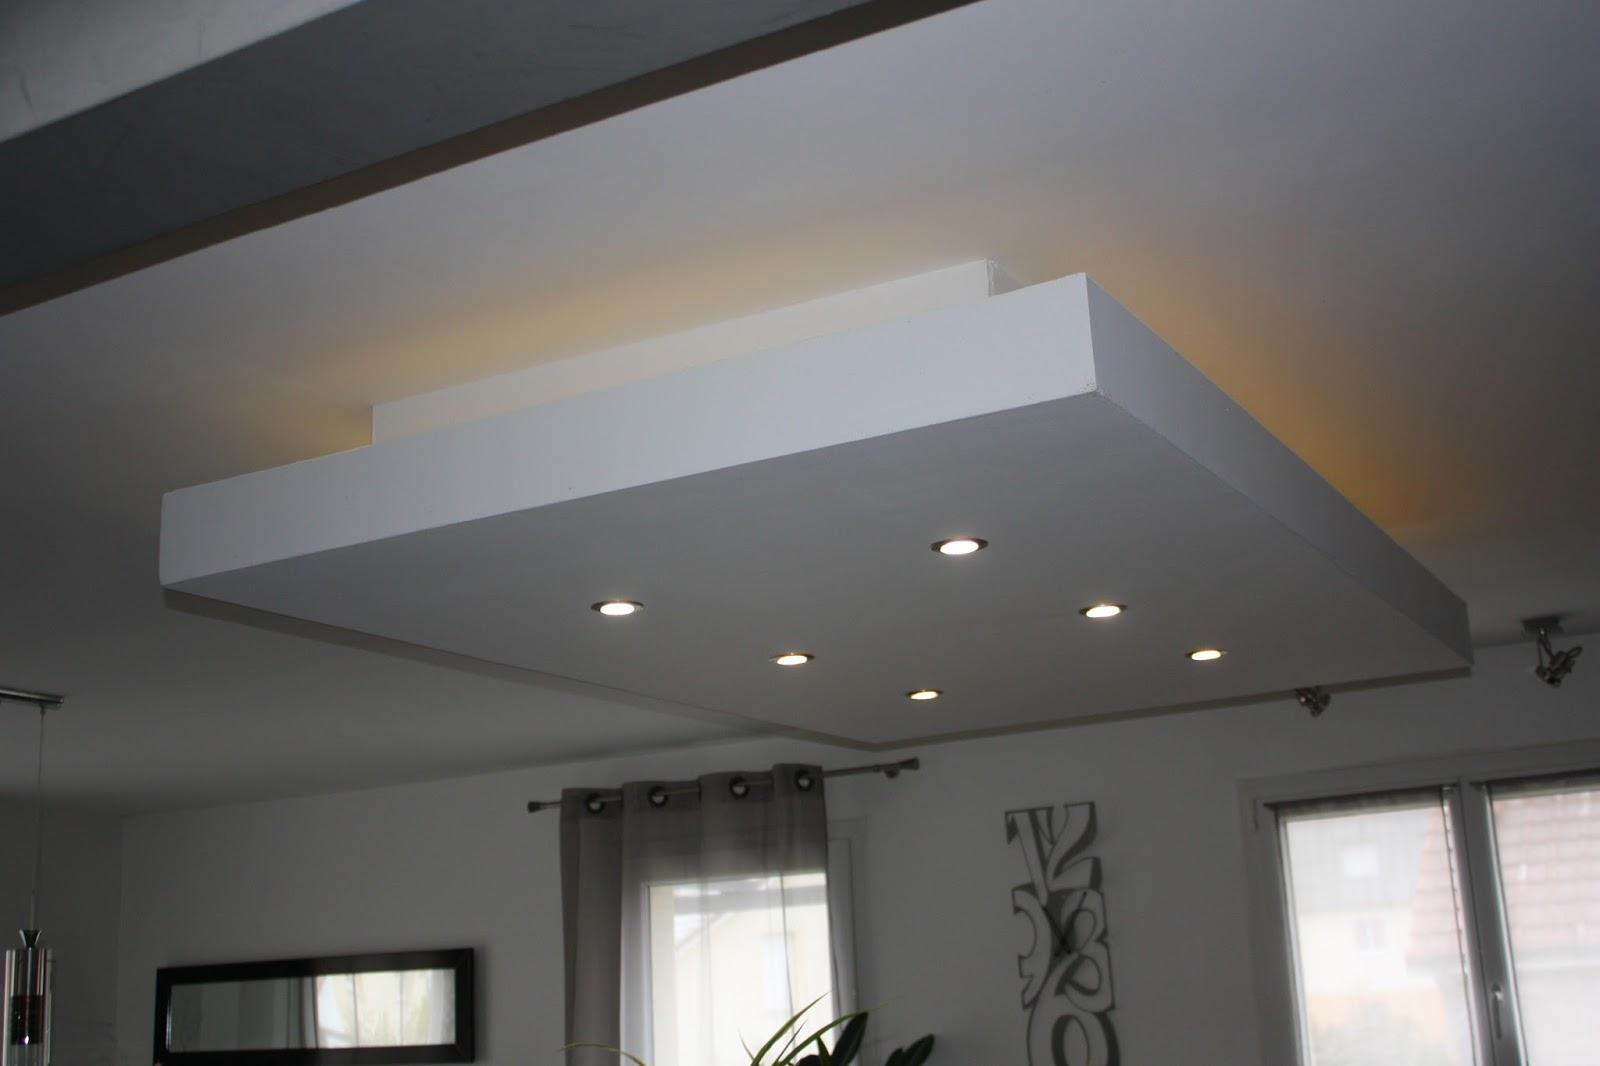 Exceptionnel Bricolage : De l'idée à la réalisation. : Plafond descendu  VI35